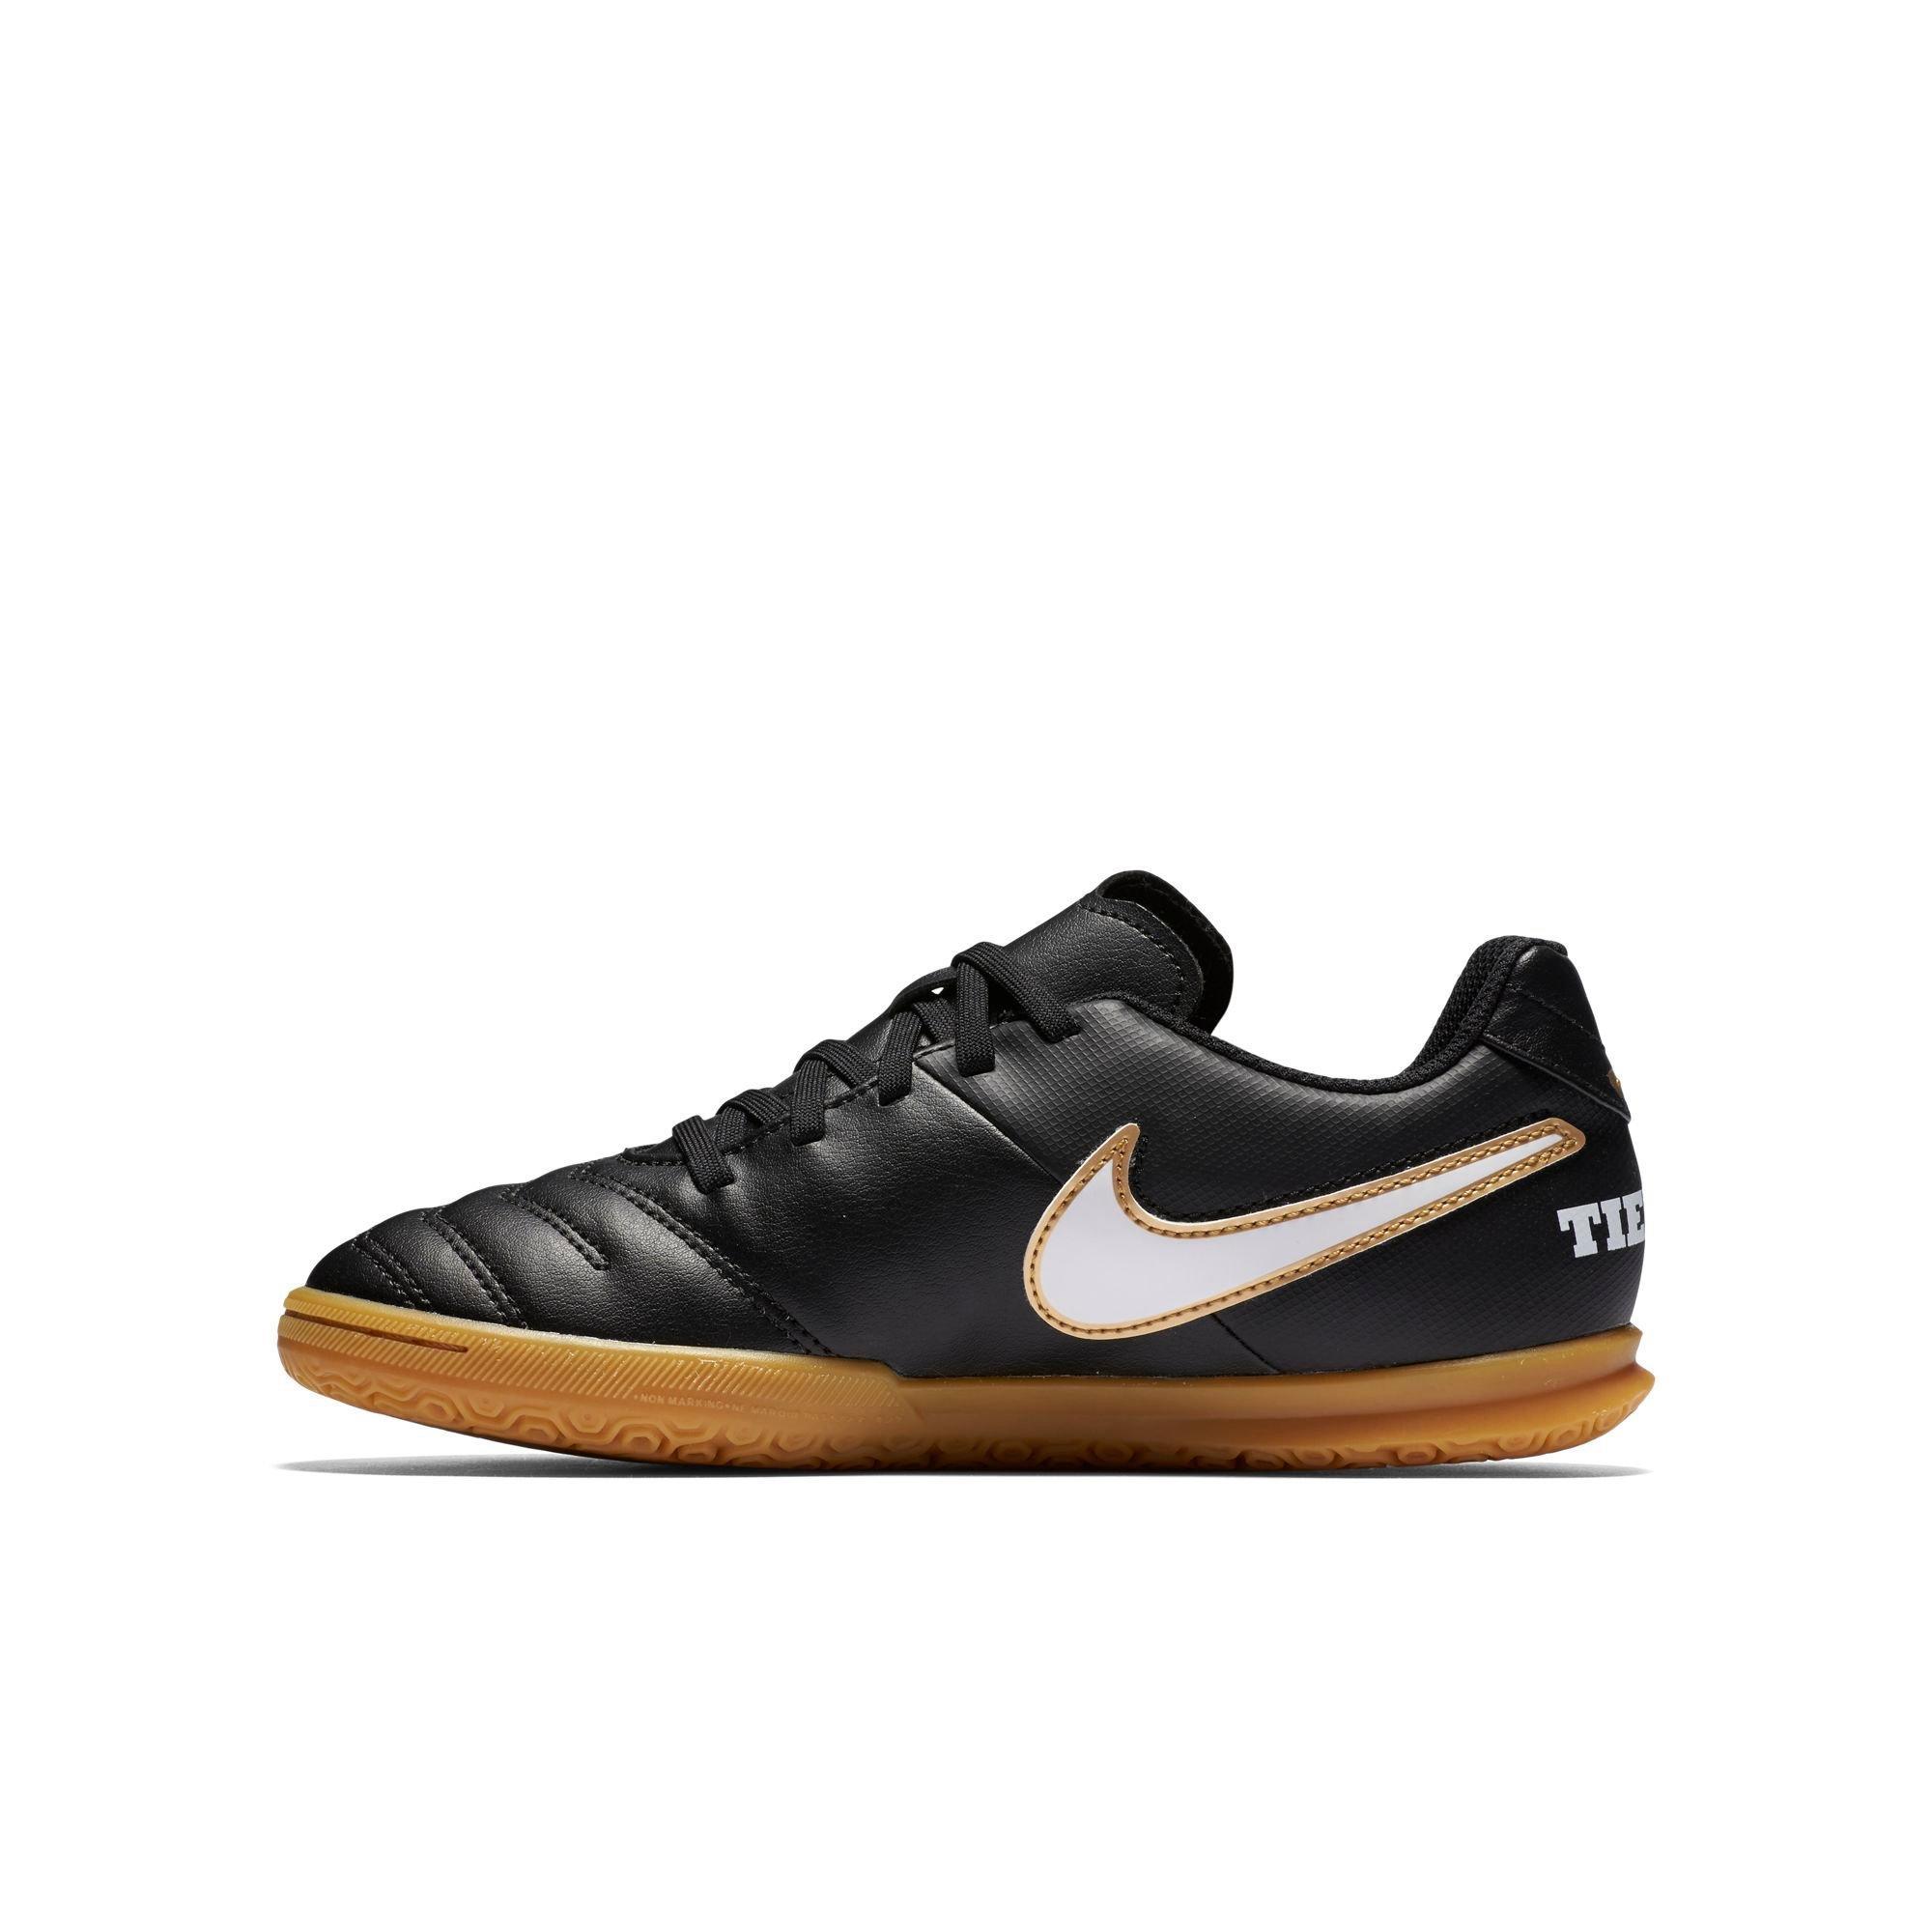 d3367d04c94 Nike Tiempo Rio III Preschool Kids Indoor Soccer Shoe Sc 1 St Hibbett Sports